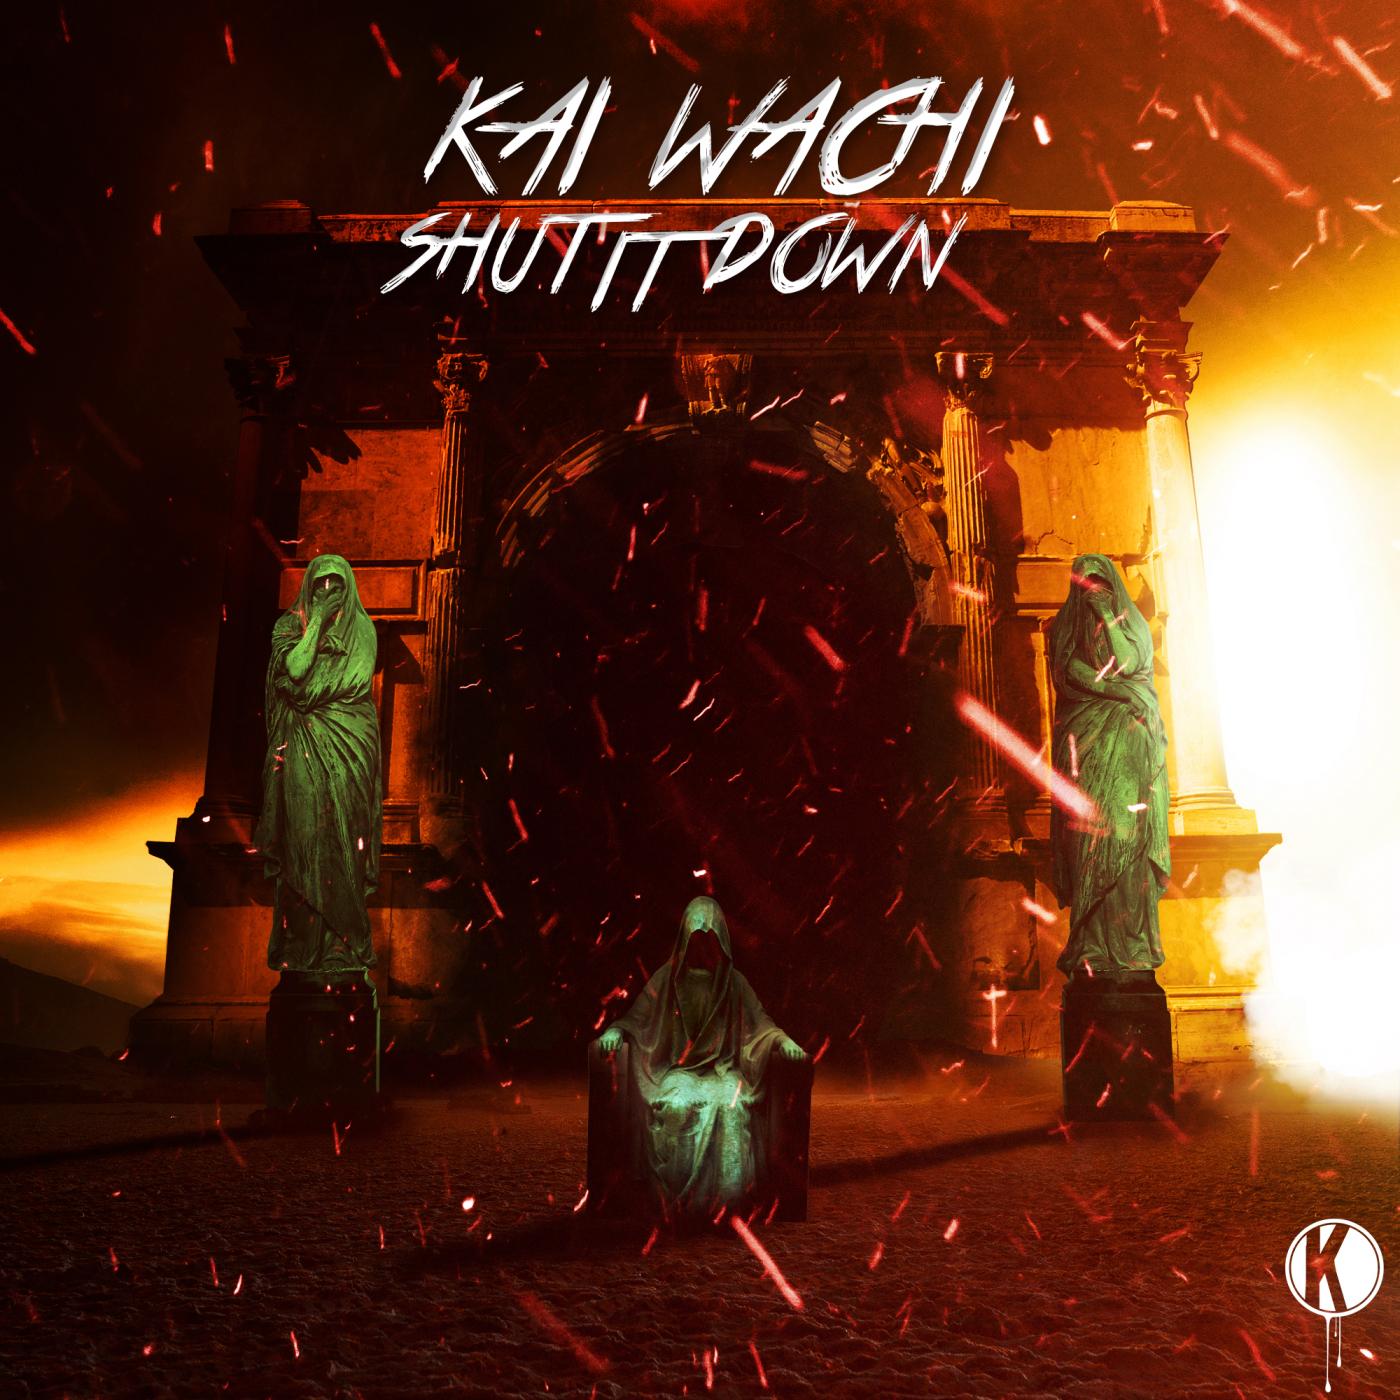 kai-wachi